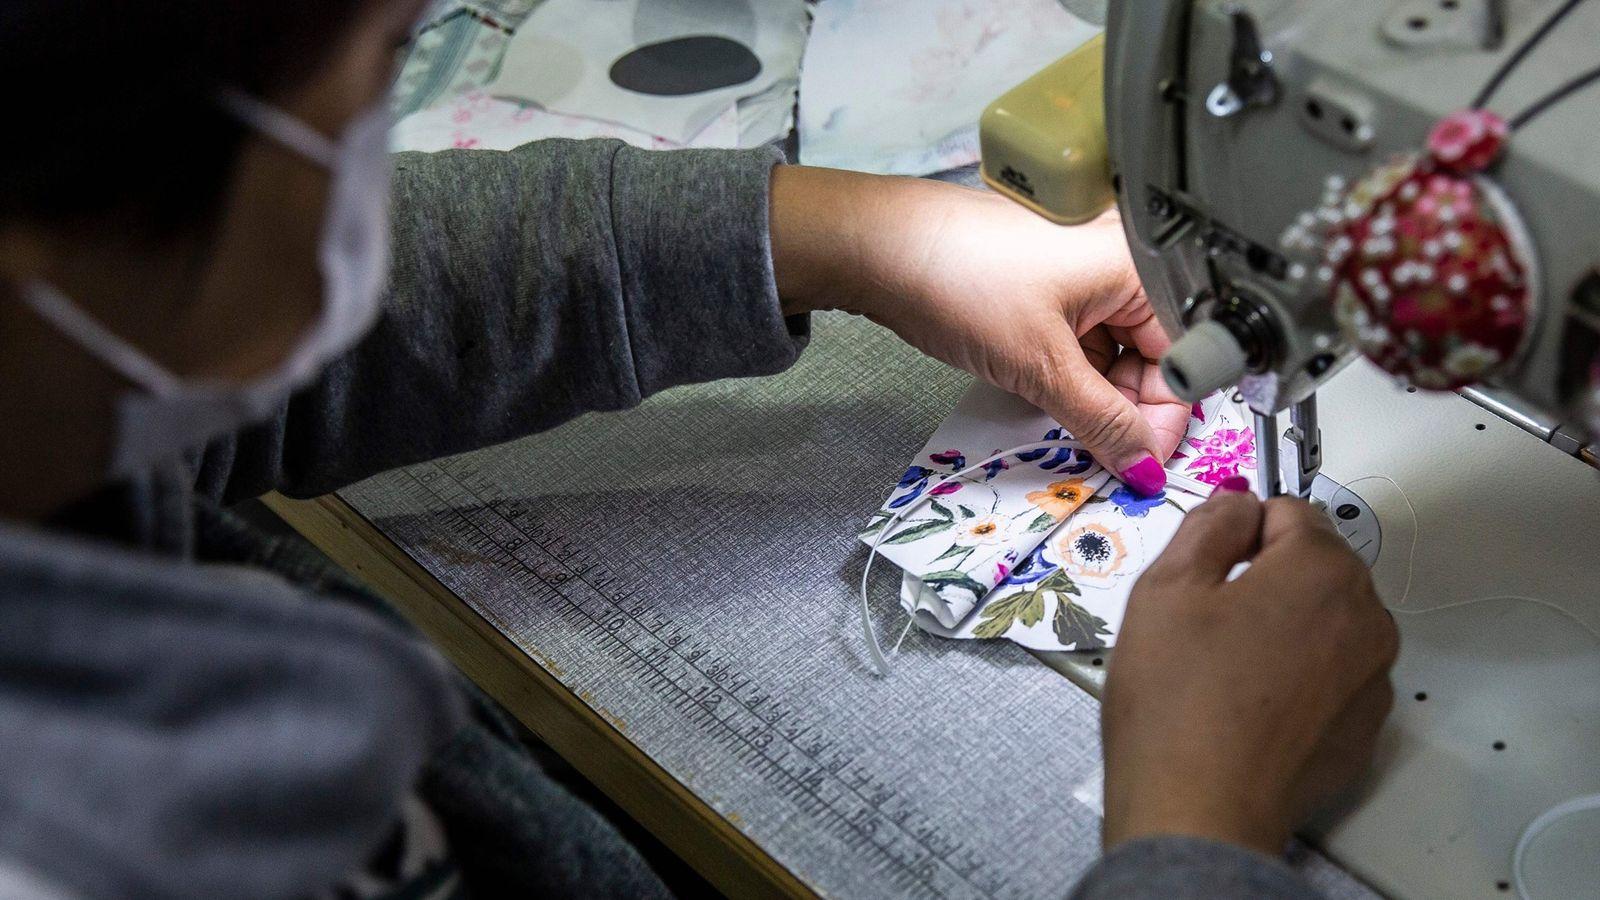 Nesta imagem vemos a costureira Elase Wong a fazer máscaras de material estampado numa loja em ...